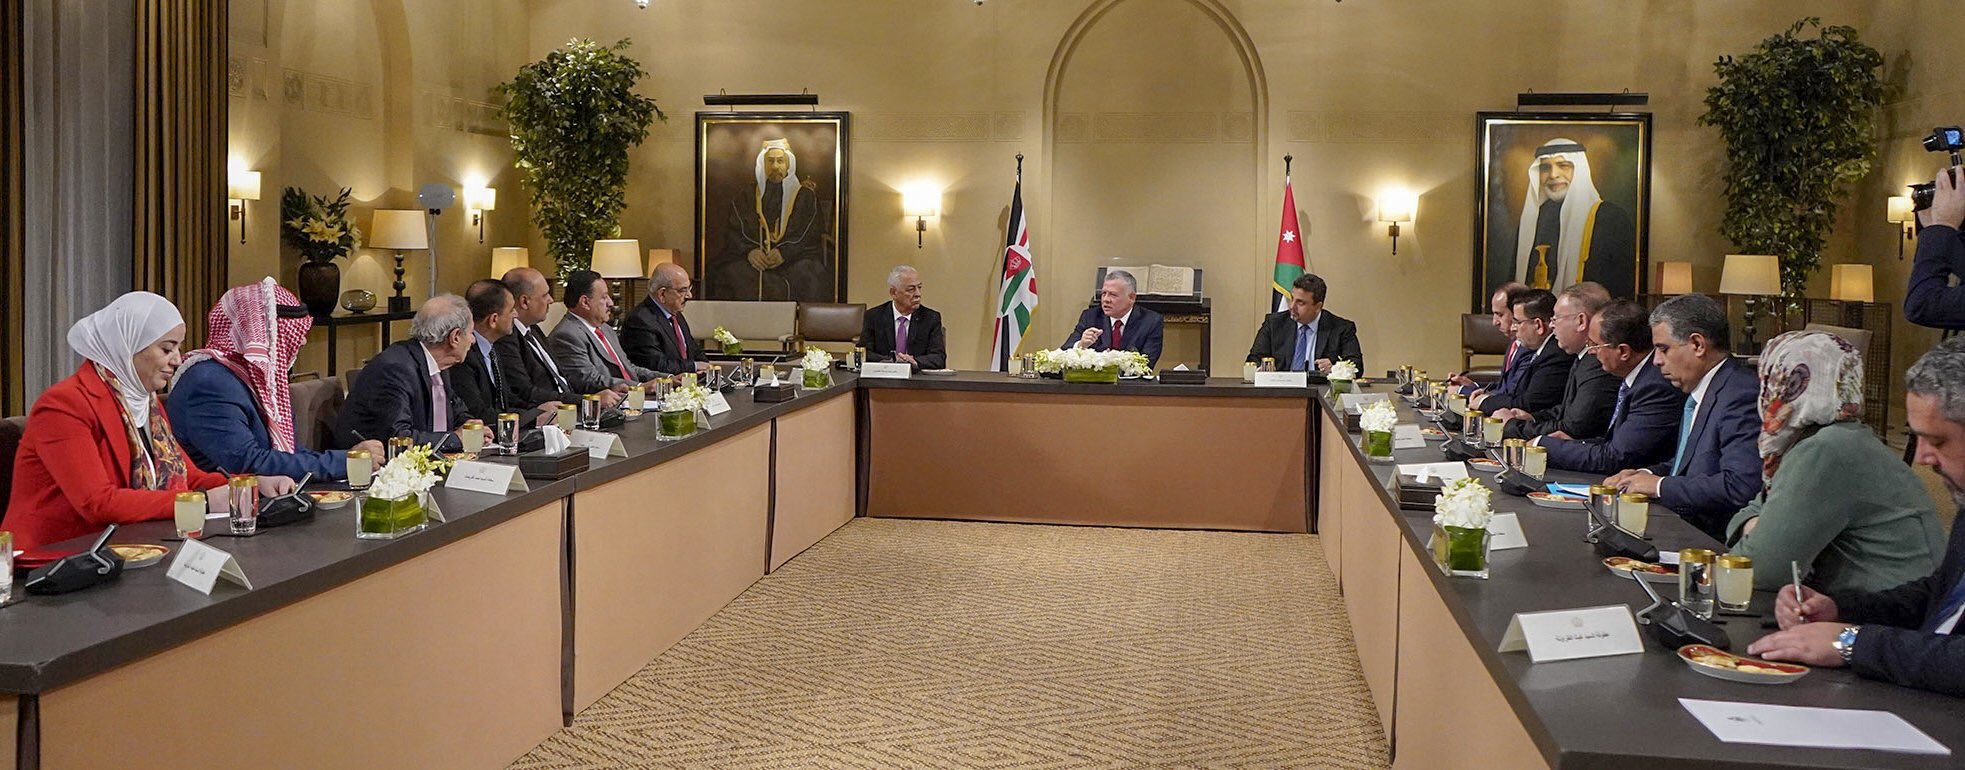 البرلمان الأردني يلتقي رؤساء لجان تحسين الخدمات بالمخيمات